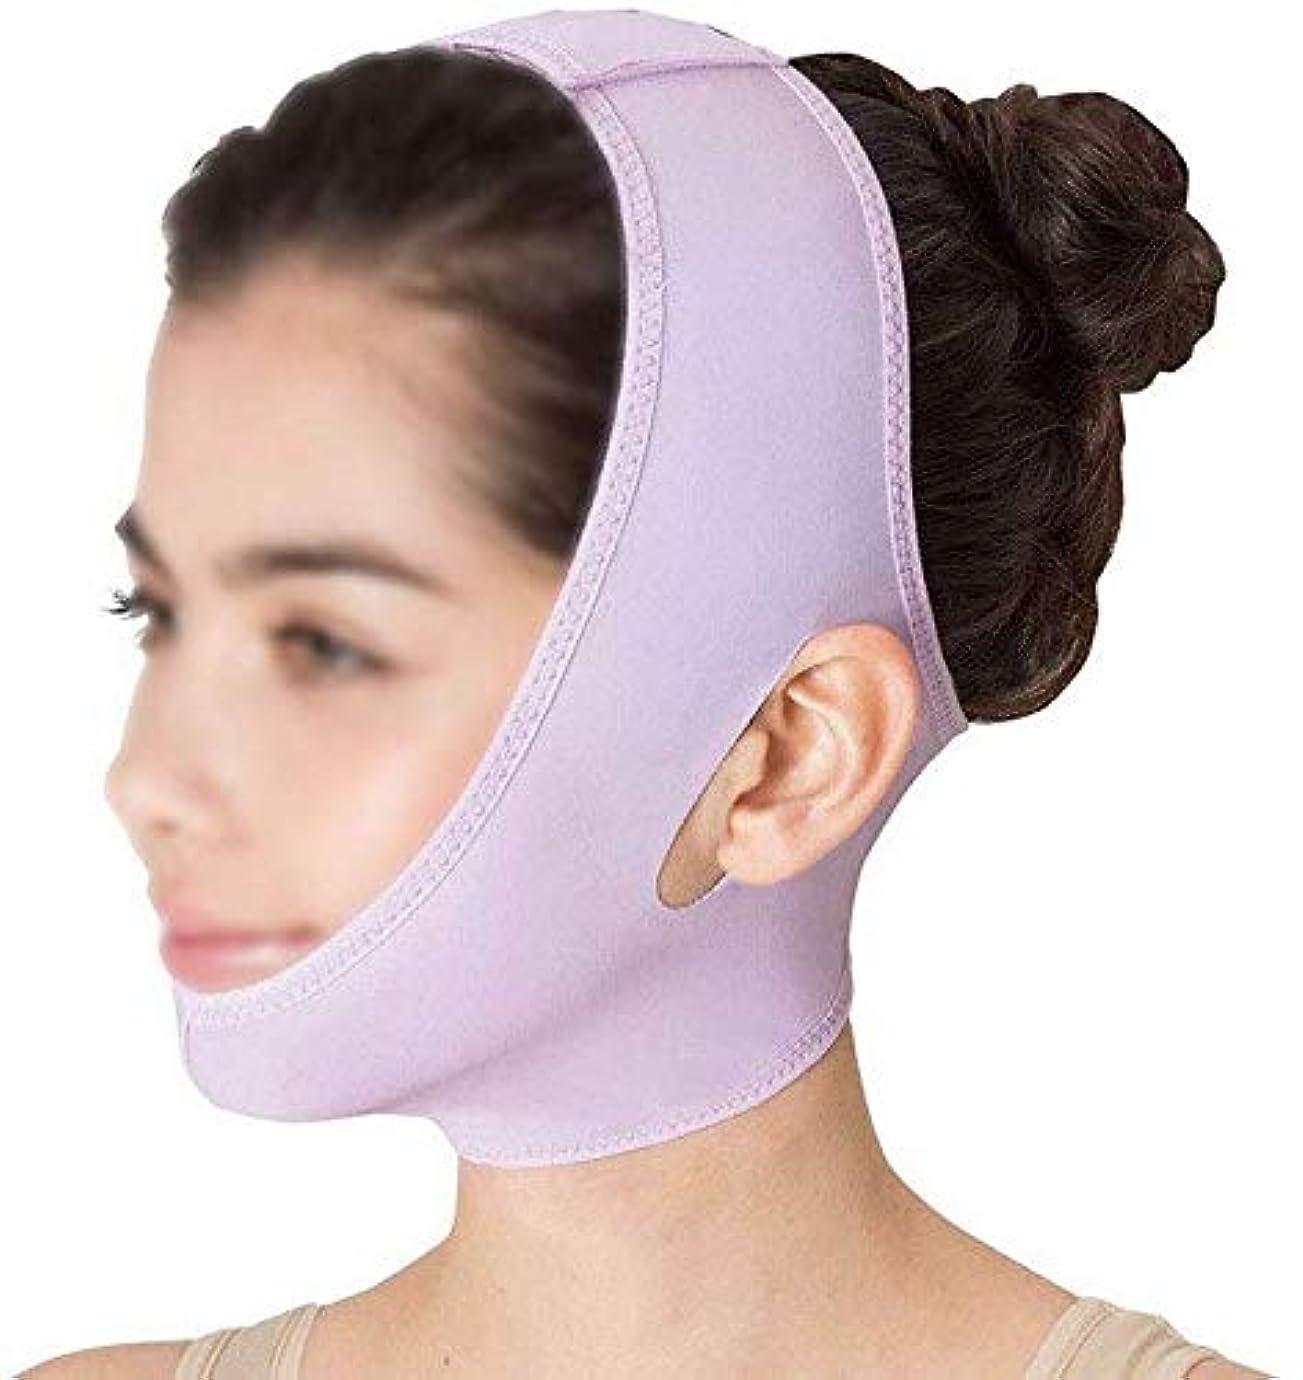 最近フランクワースリー寮美しさと実用的な薄型フェイスマスク ビームフェイスの薄いダブルチンでスリーピングマスクの下の頬を防ぎ、小さなVフェイスを作成